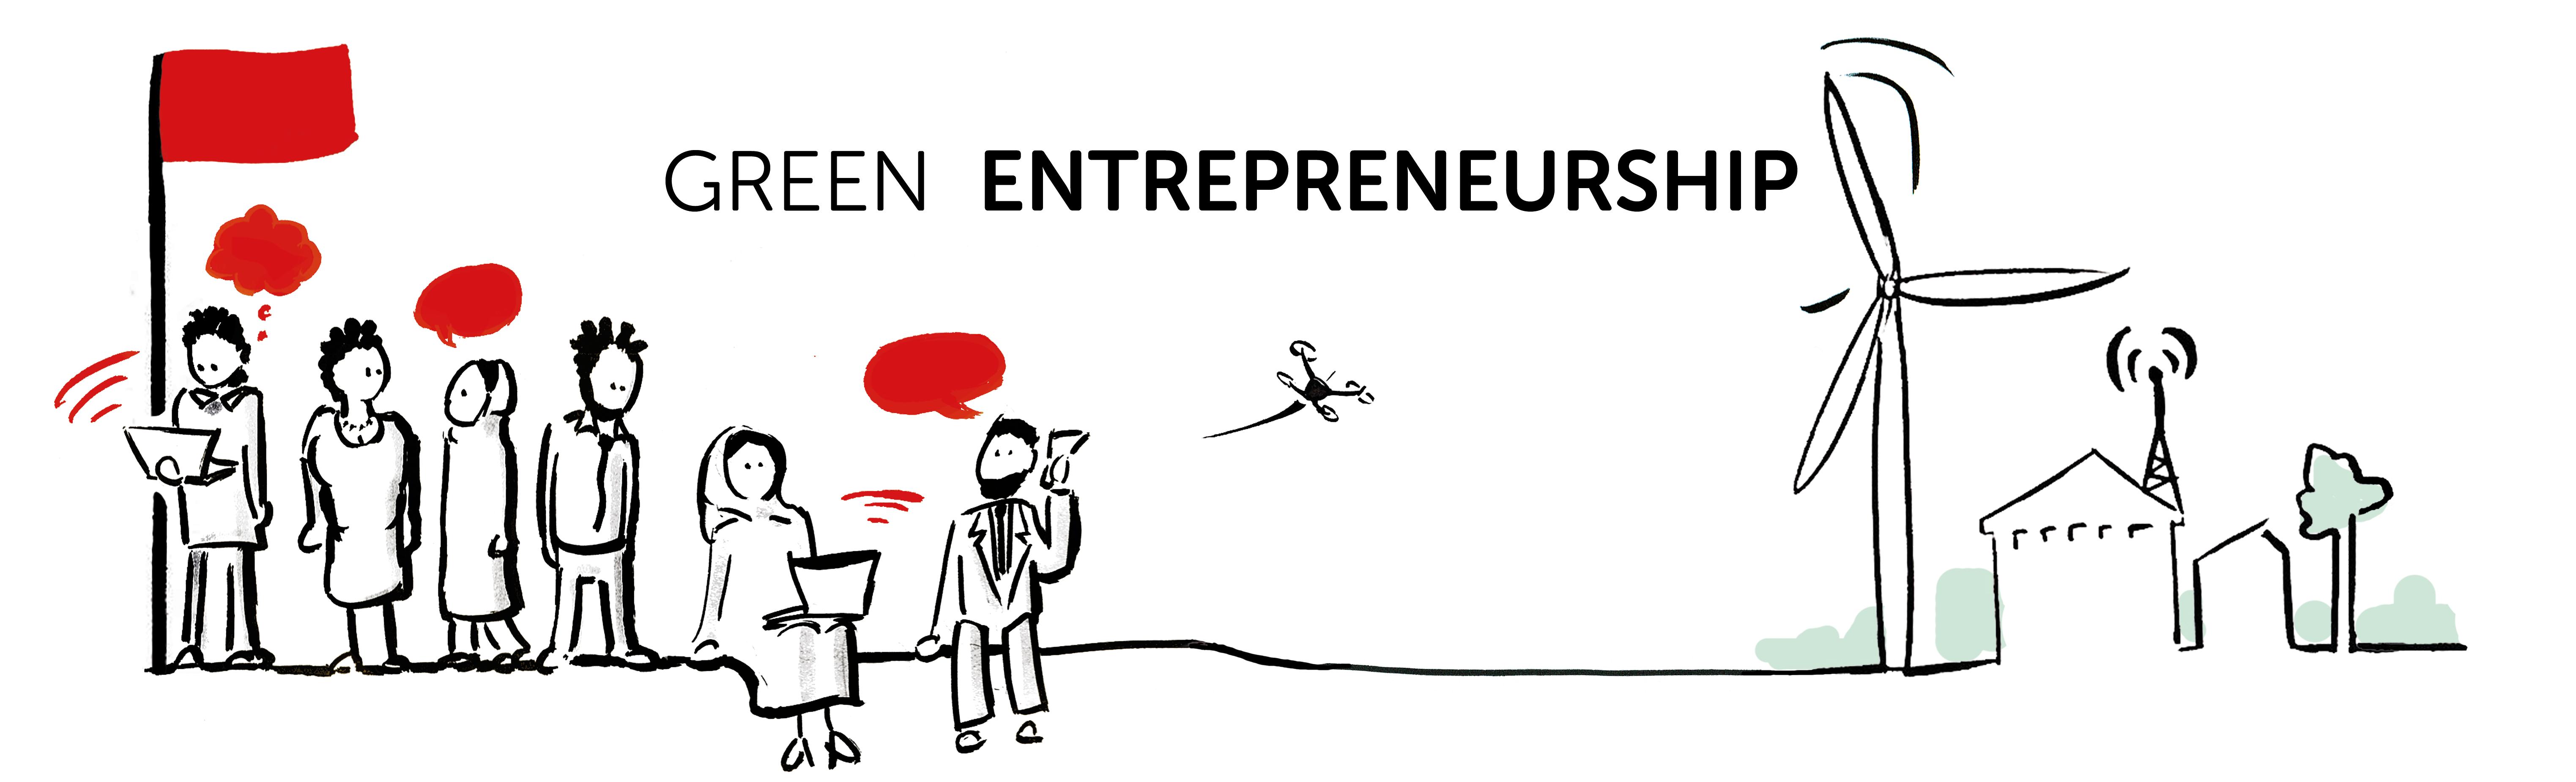 Home - Green Entrepreneurship-3969